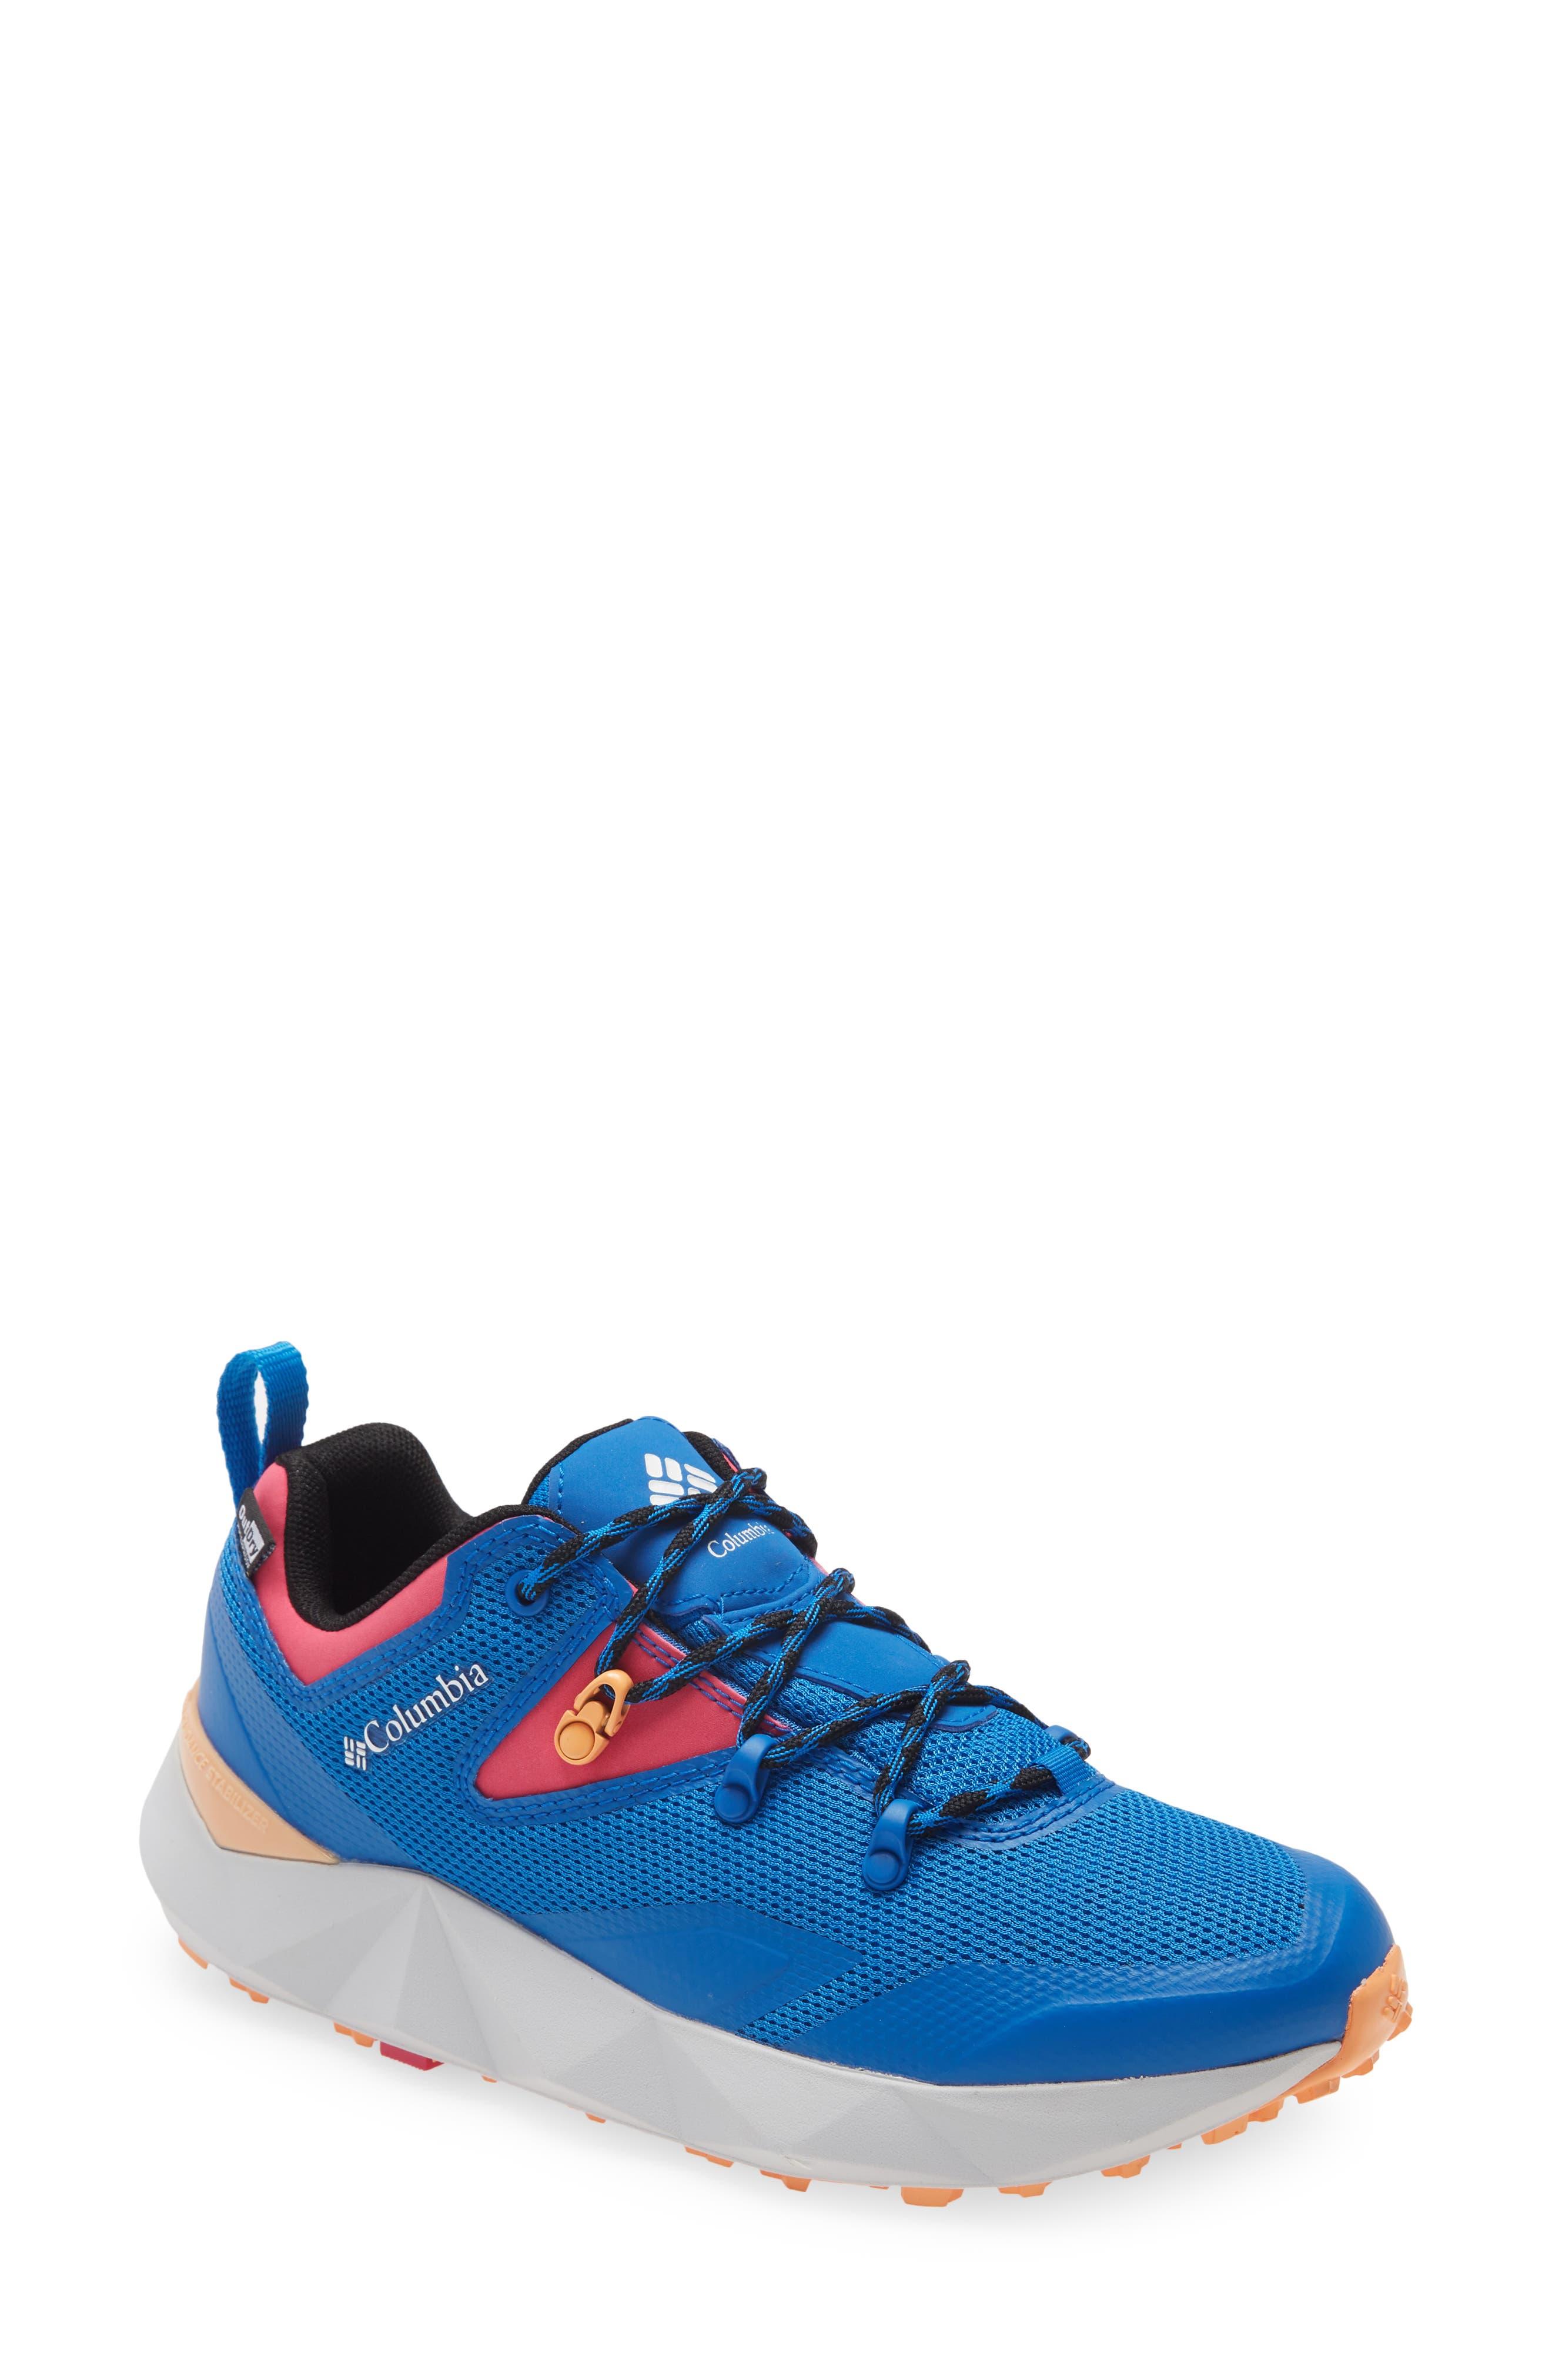 Facet(TM) 30 Outdry(TM) Trail Shoe